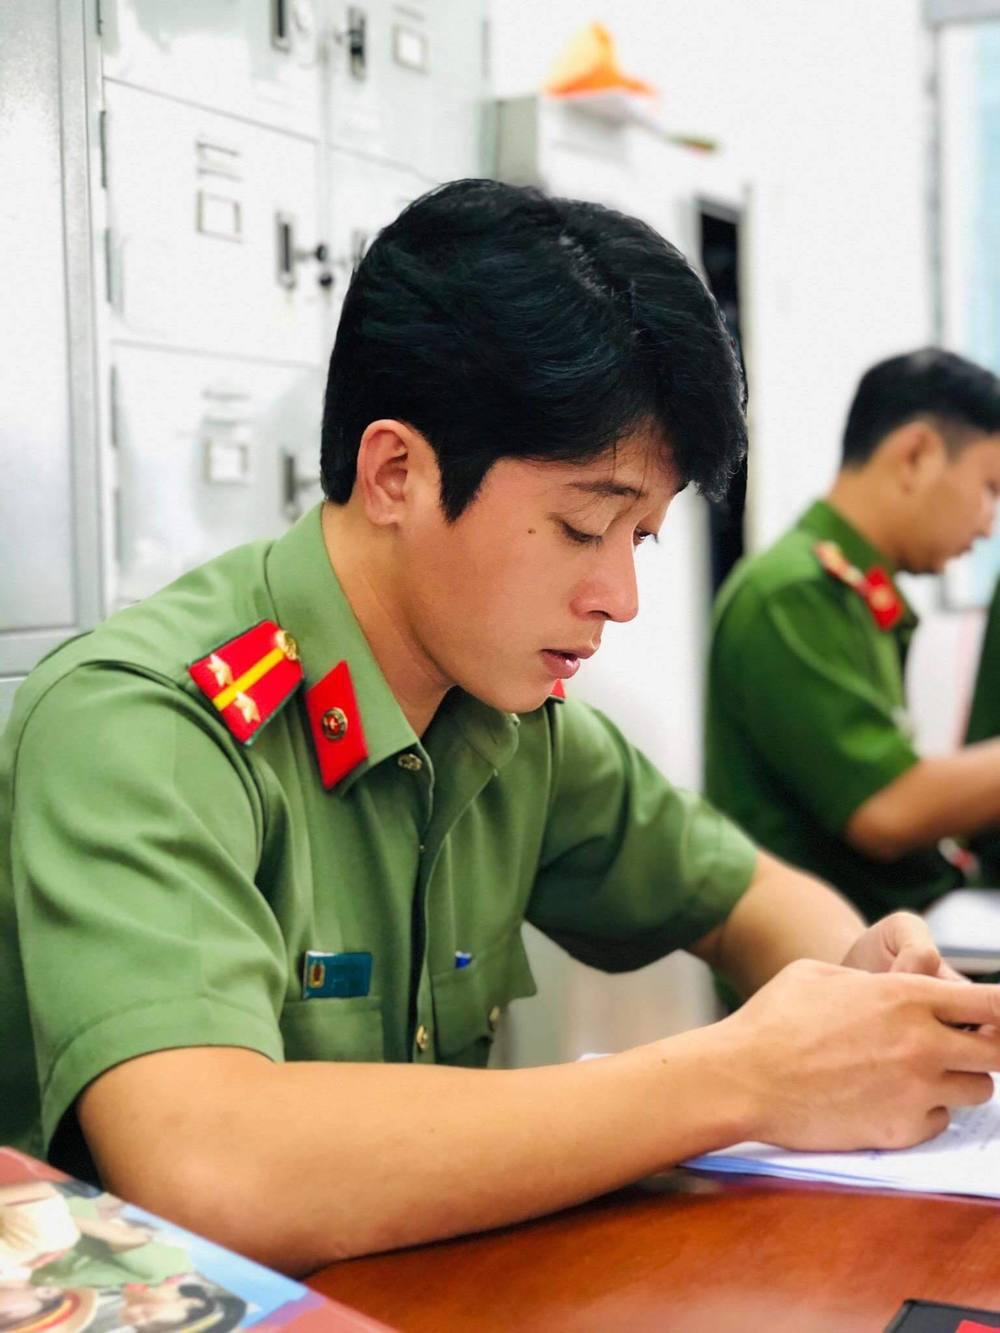 Con của Chủ tịch UBND xã có được miễn tham gia nghĩa vụ quân sự không?